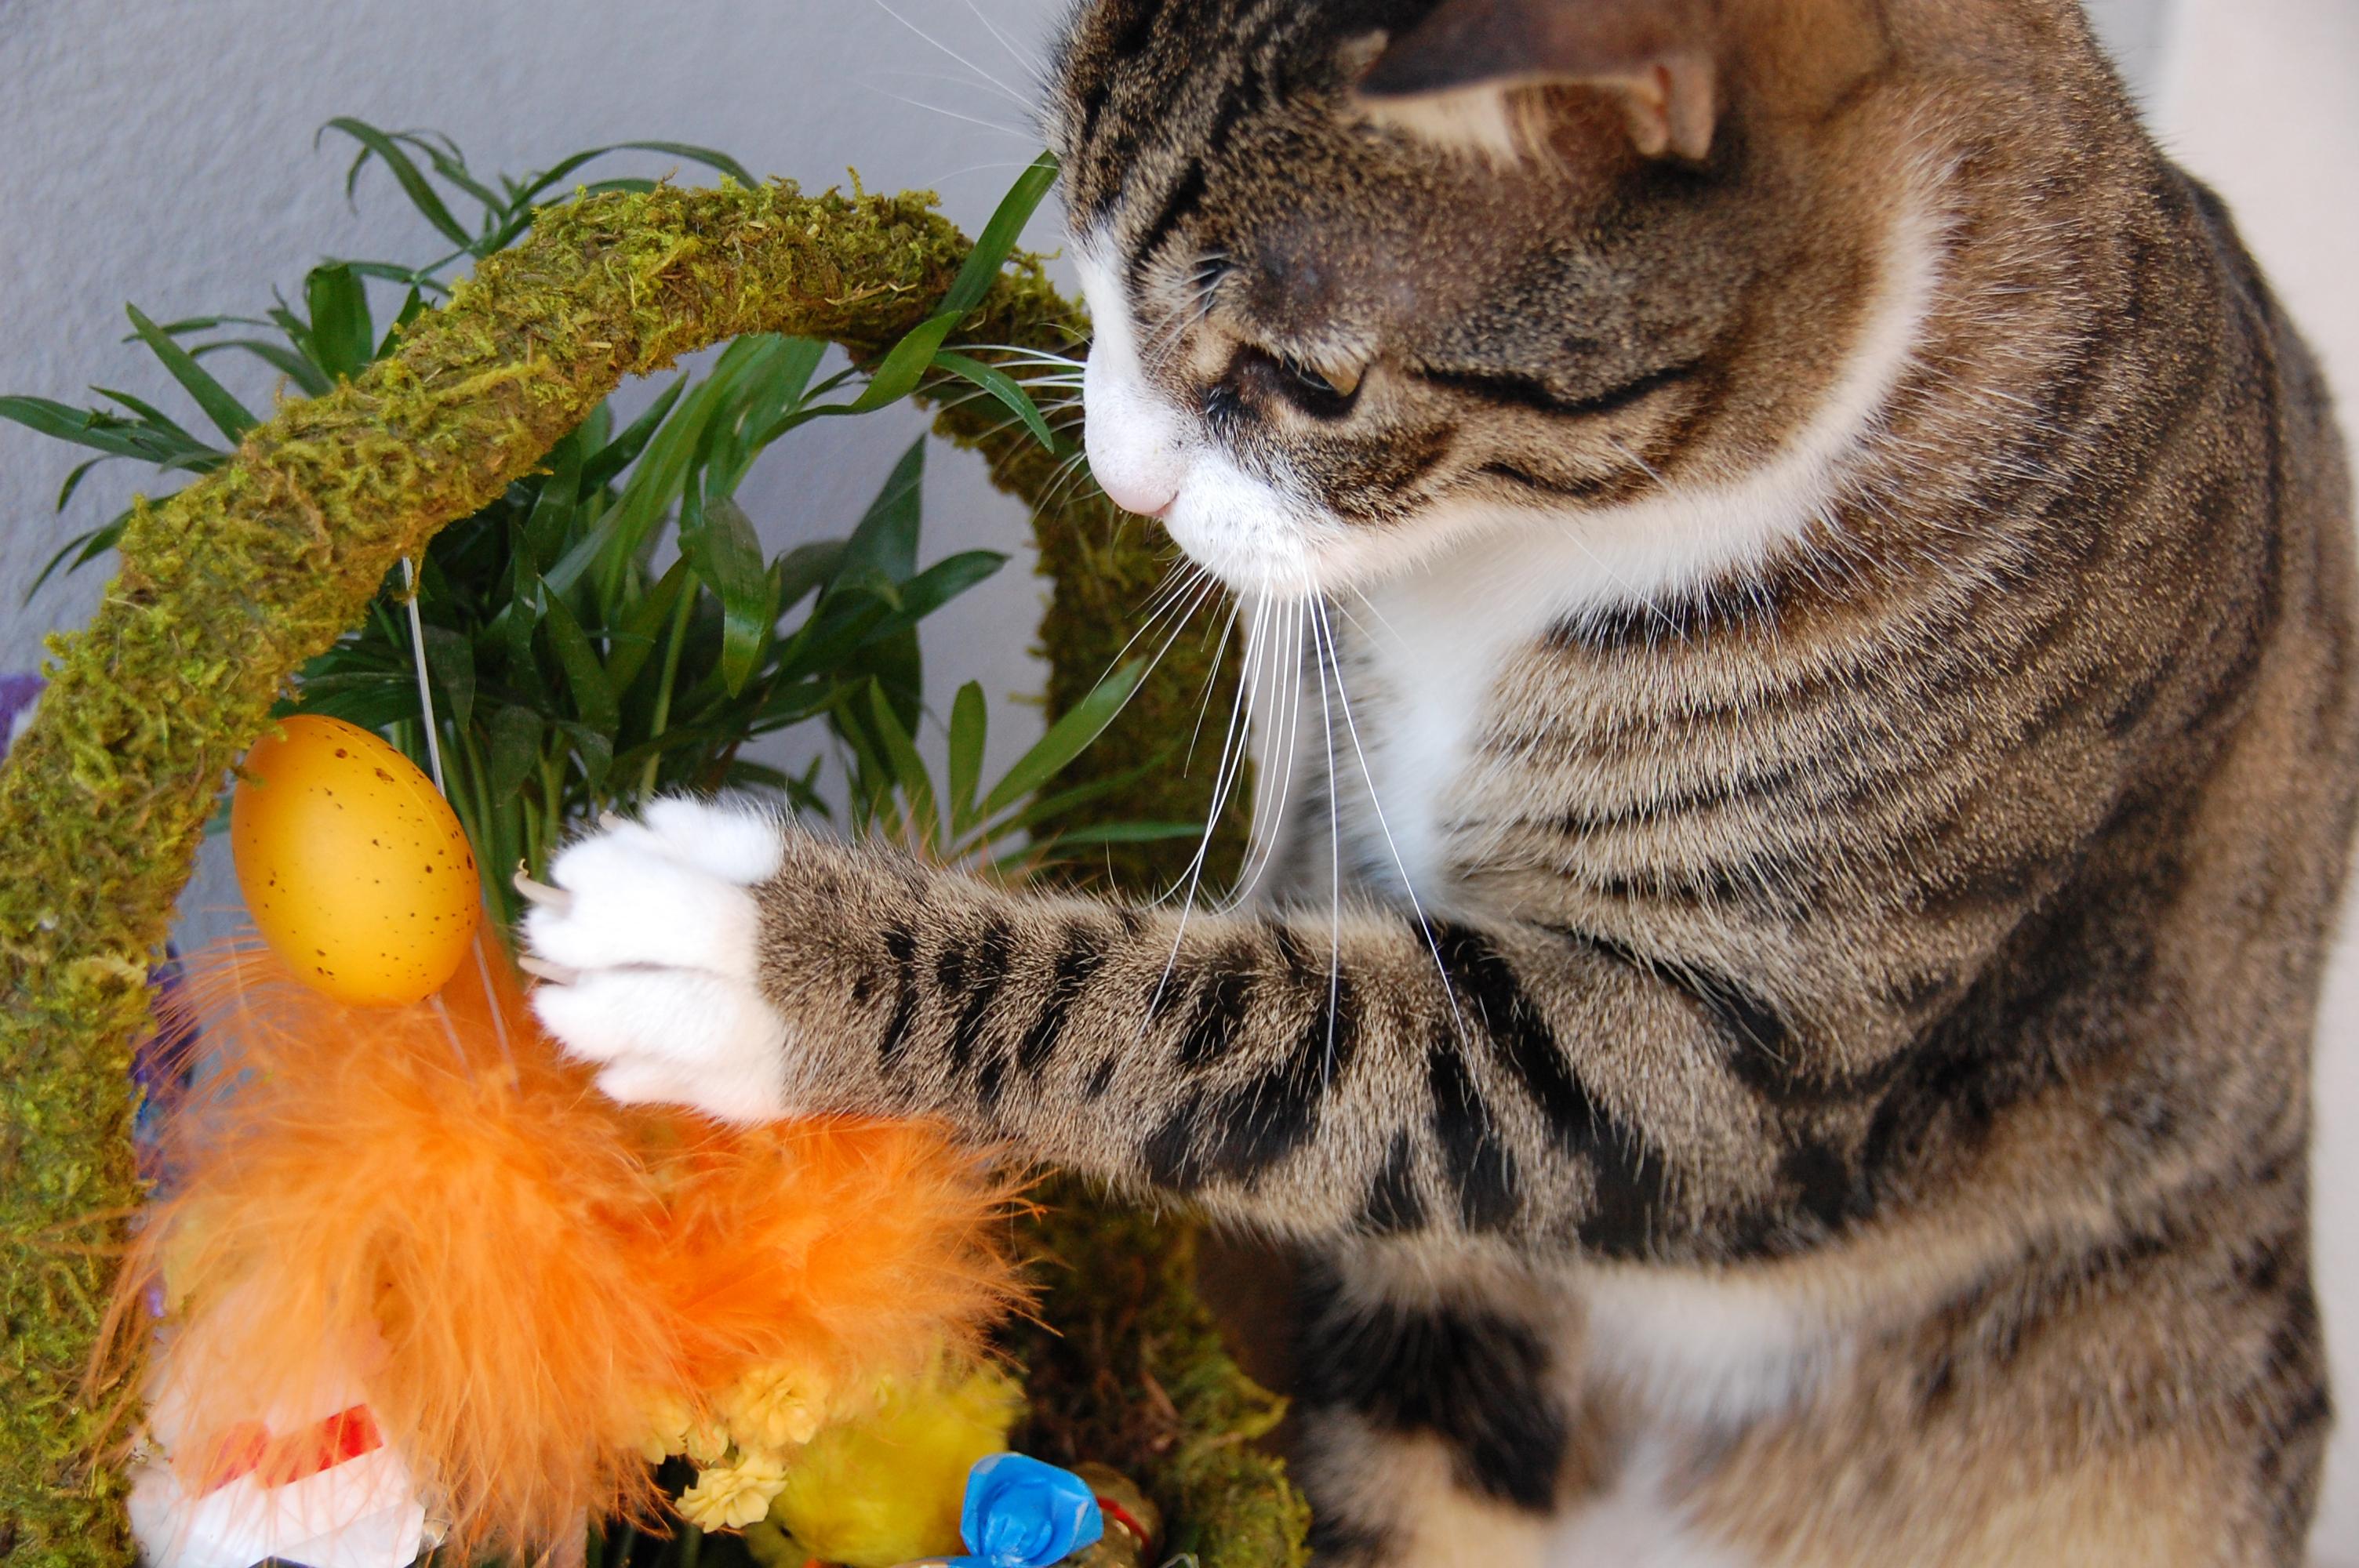 Fjädrar och ris är något som katten kan tycka är skoj att leka med men det är viktigt att tänka på att pyntet inte utgör en fara för din katt.